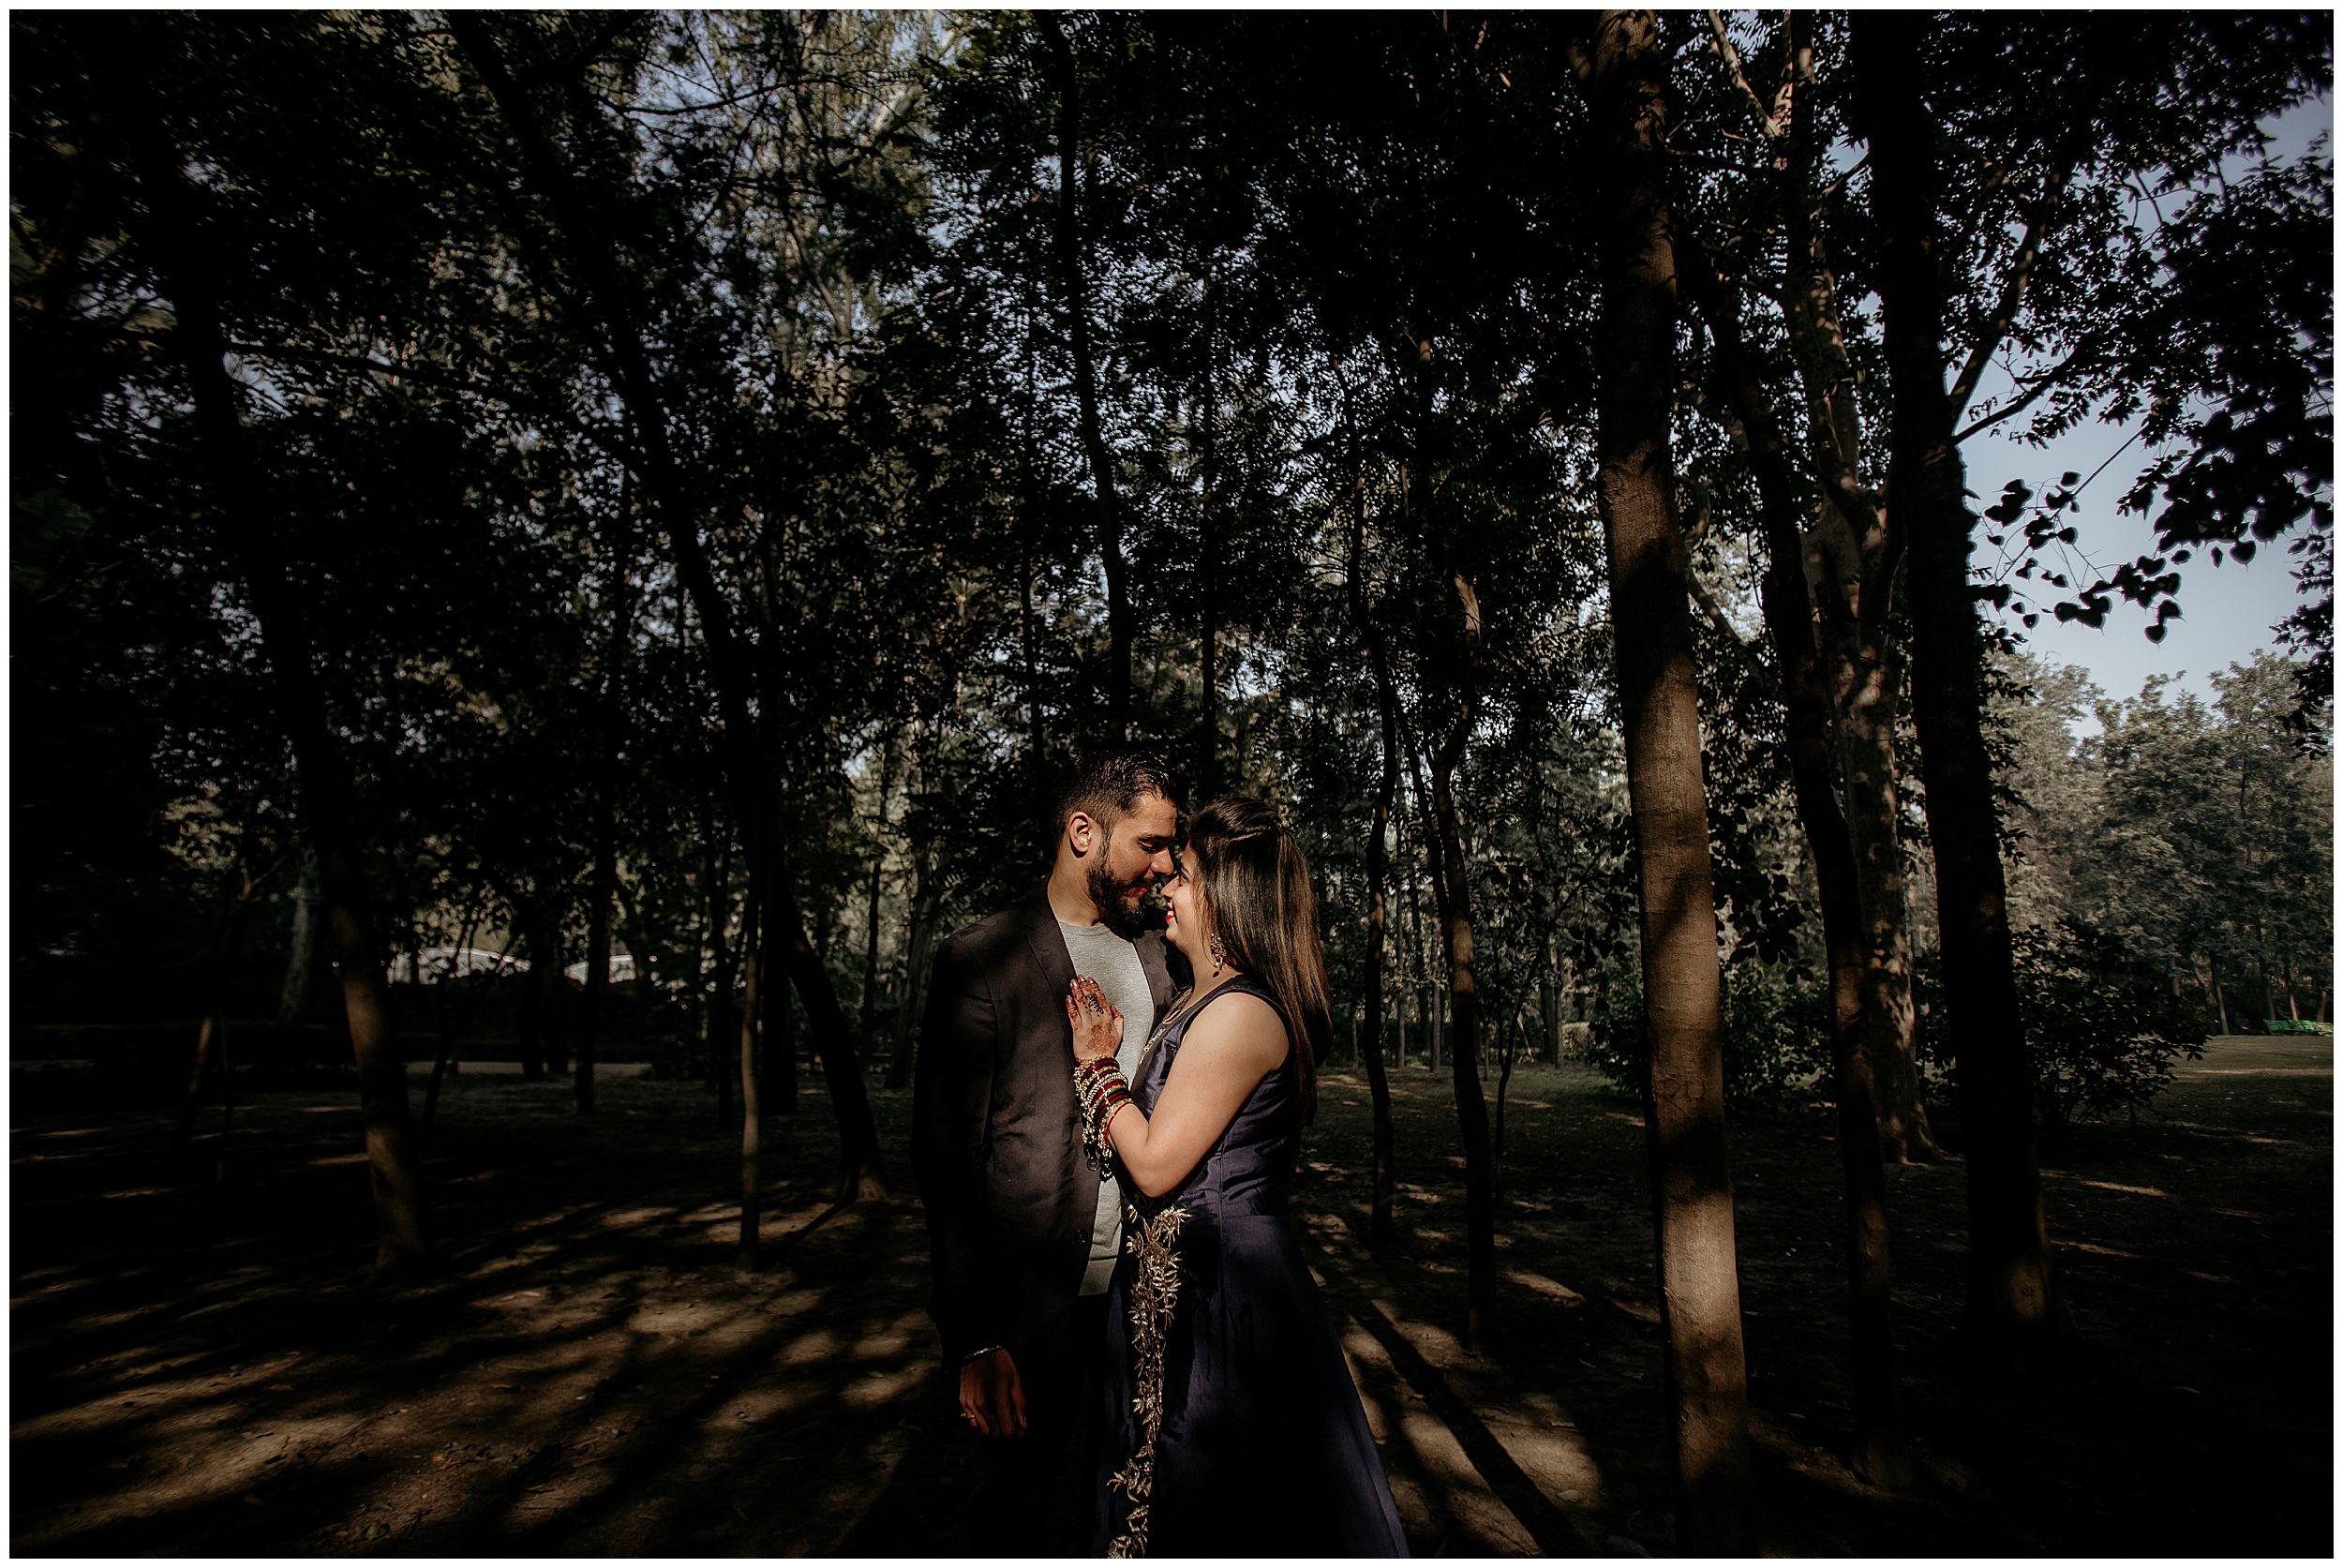 RABBYA_SHARAD_MYVISUALARTISTRY_WEDDING_PHOTOGRAPHY_MVA_DELHI8.jpg